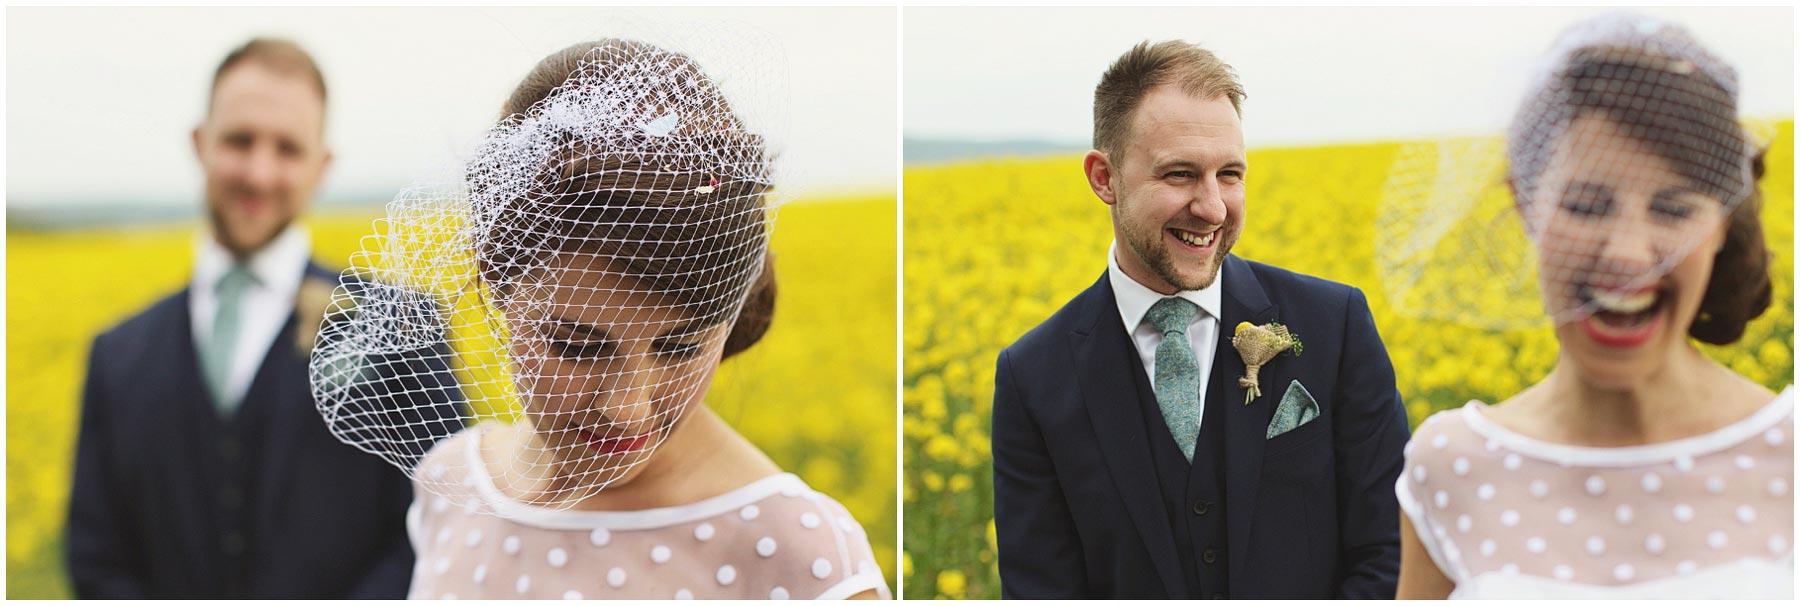 the-spiced-pear-wedding-photographer_0069